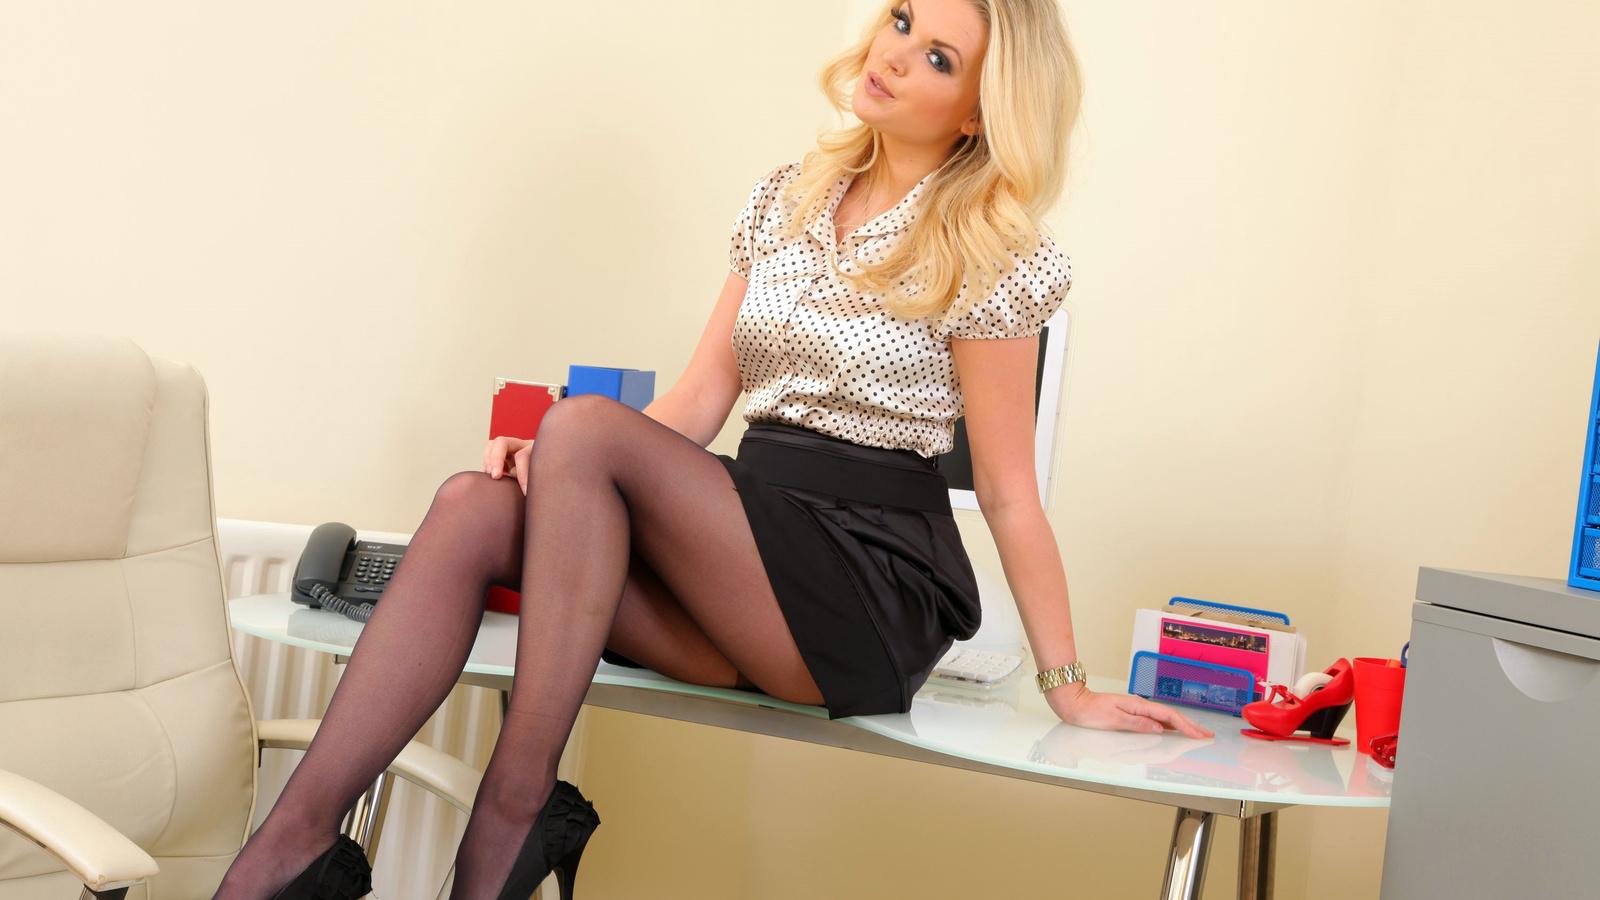 Трахал секретаршу на работе, Секс на работе - Самая жирная коллекция порно на 25 фотография